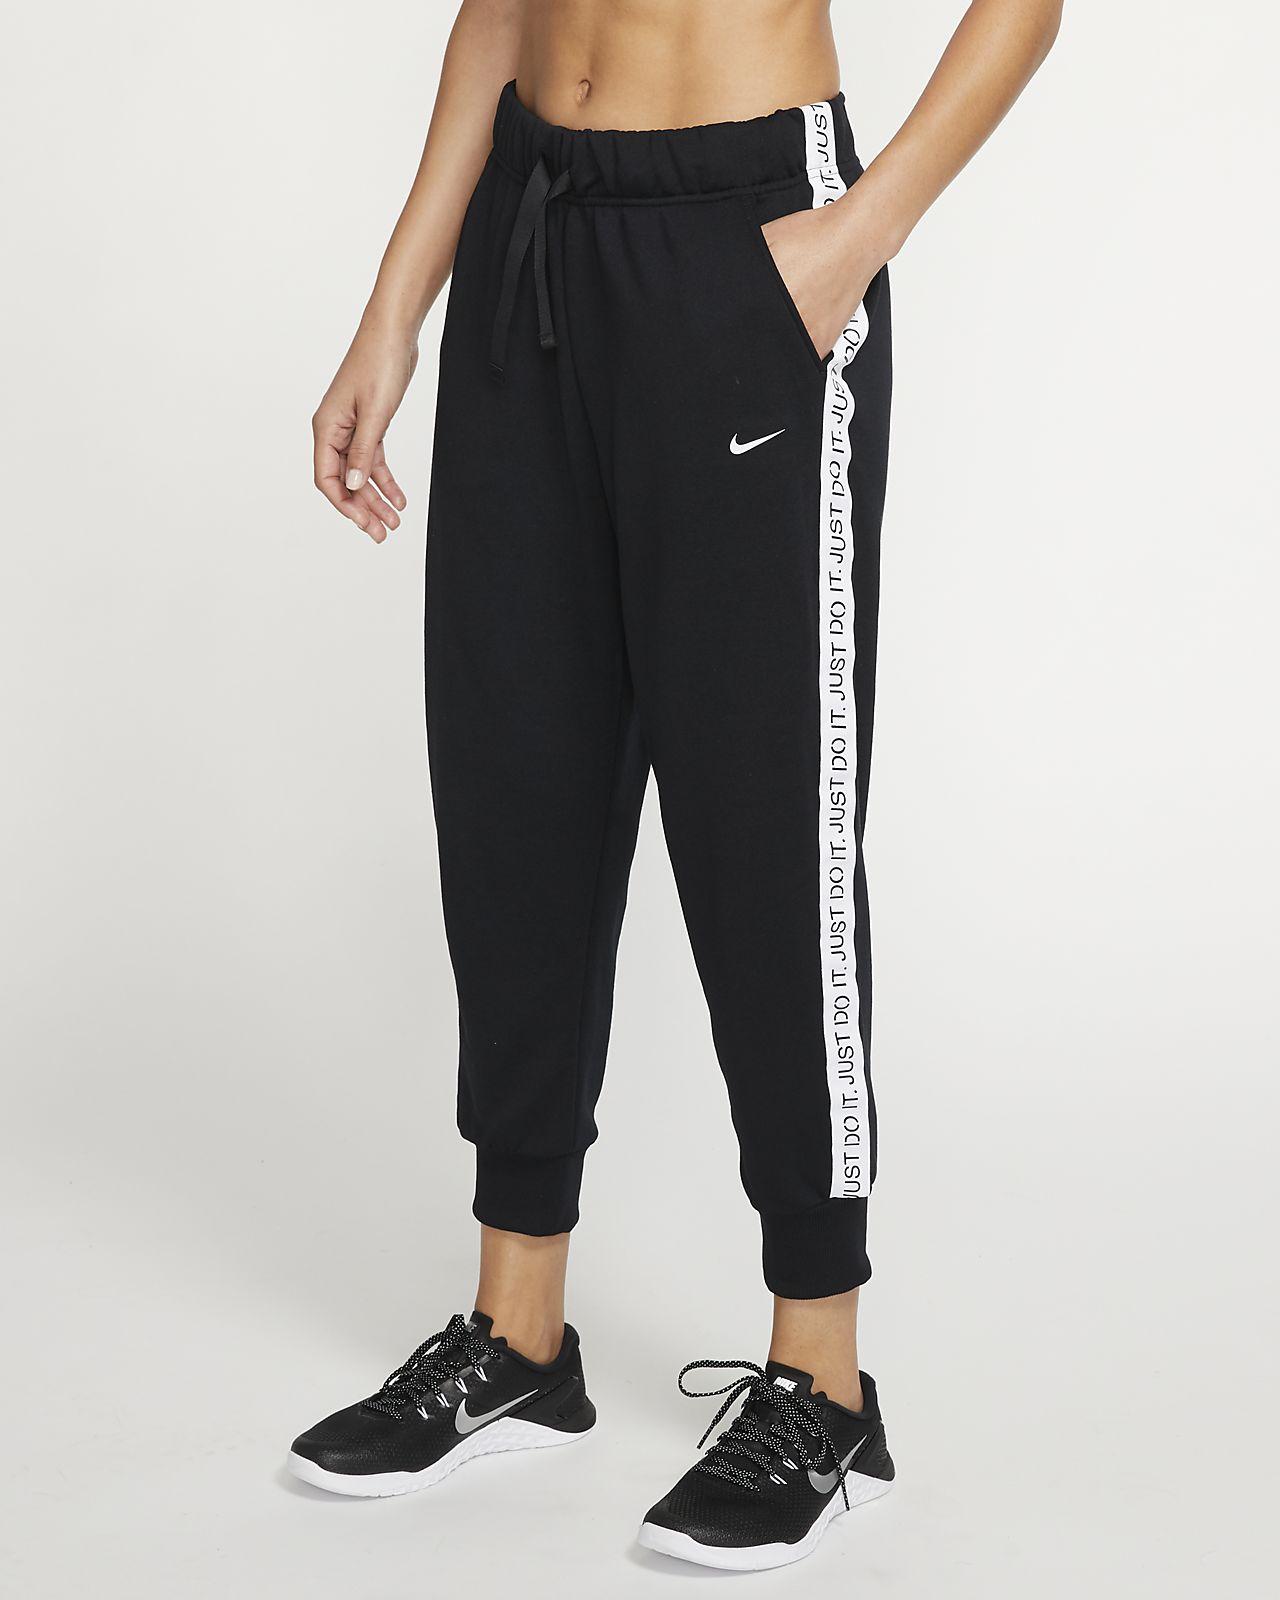 Nike Dri-FIT Get Fit-7/8-fleecetræningsbukser af fleece til kvinder